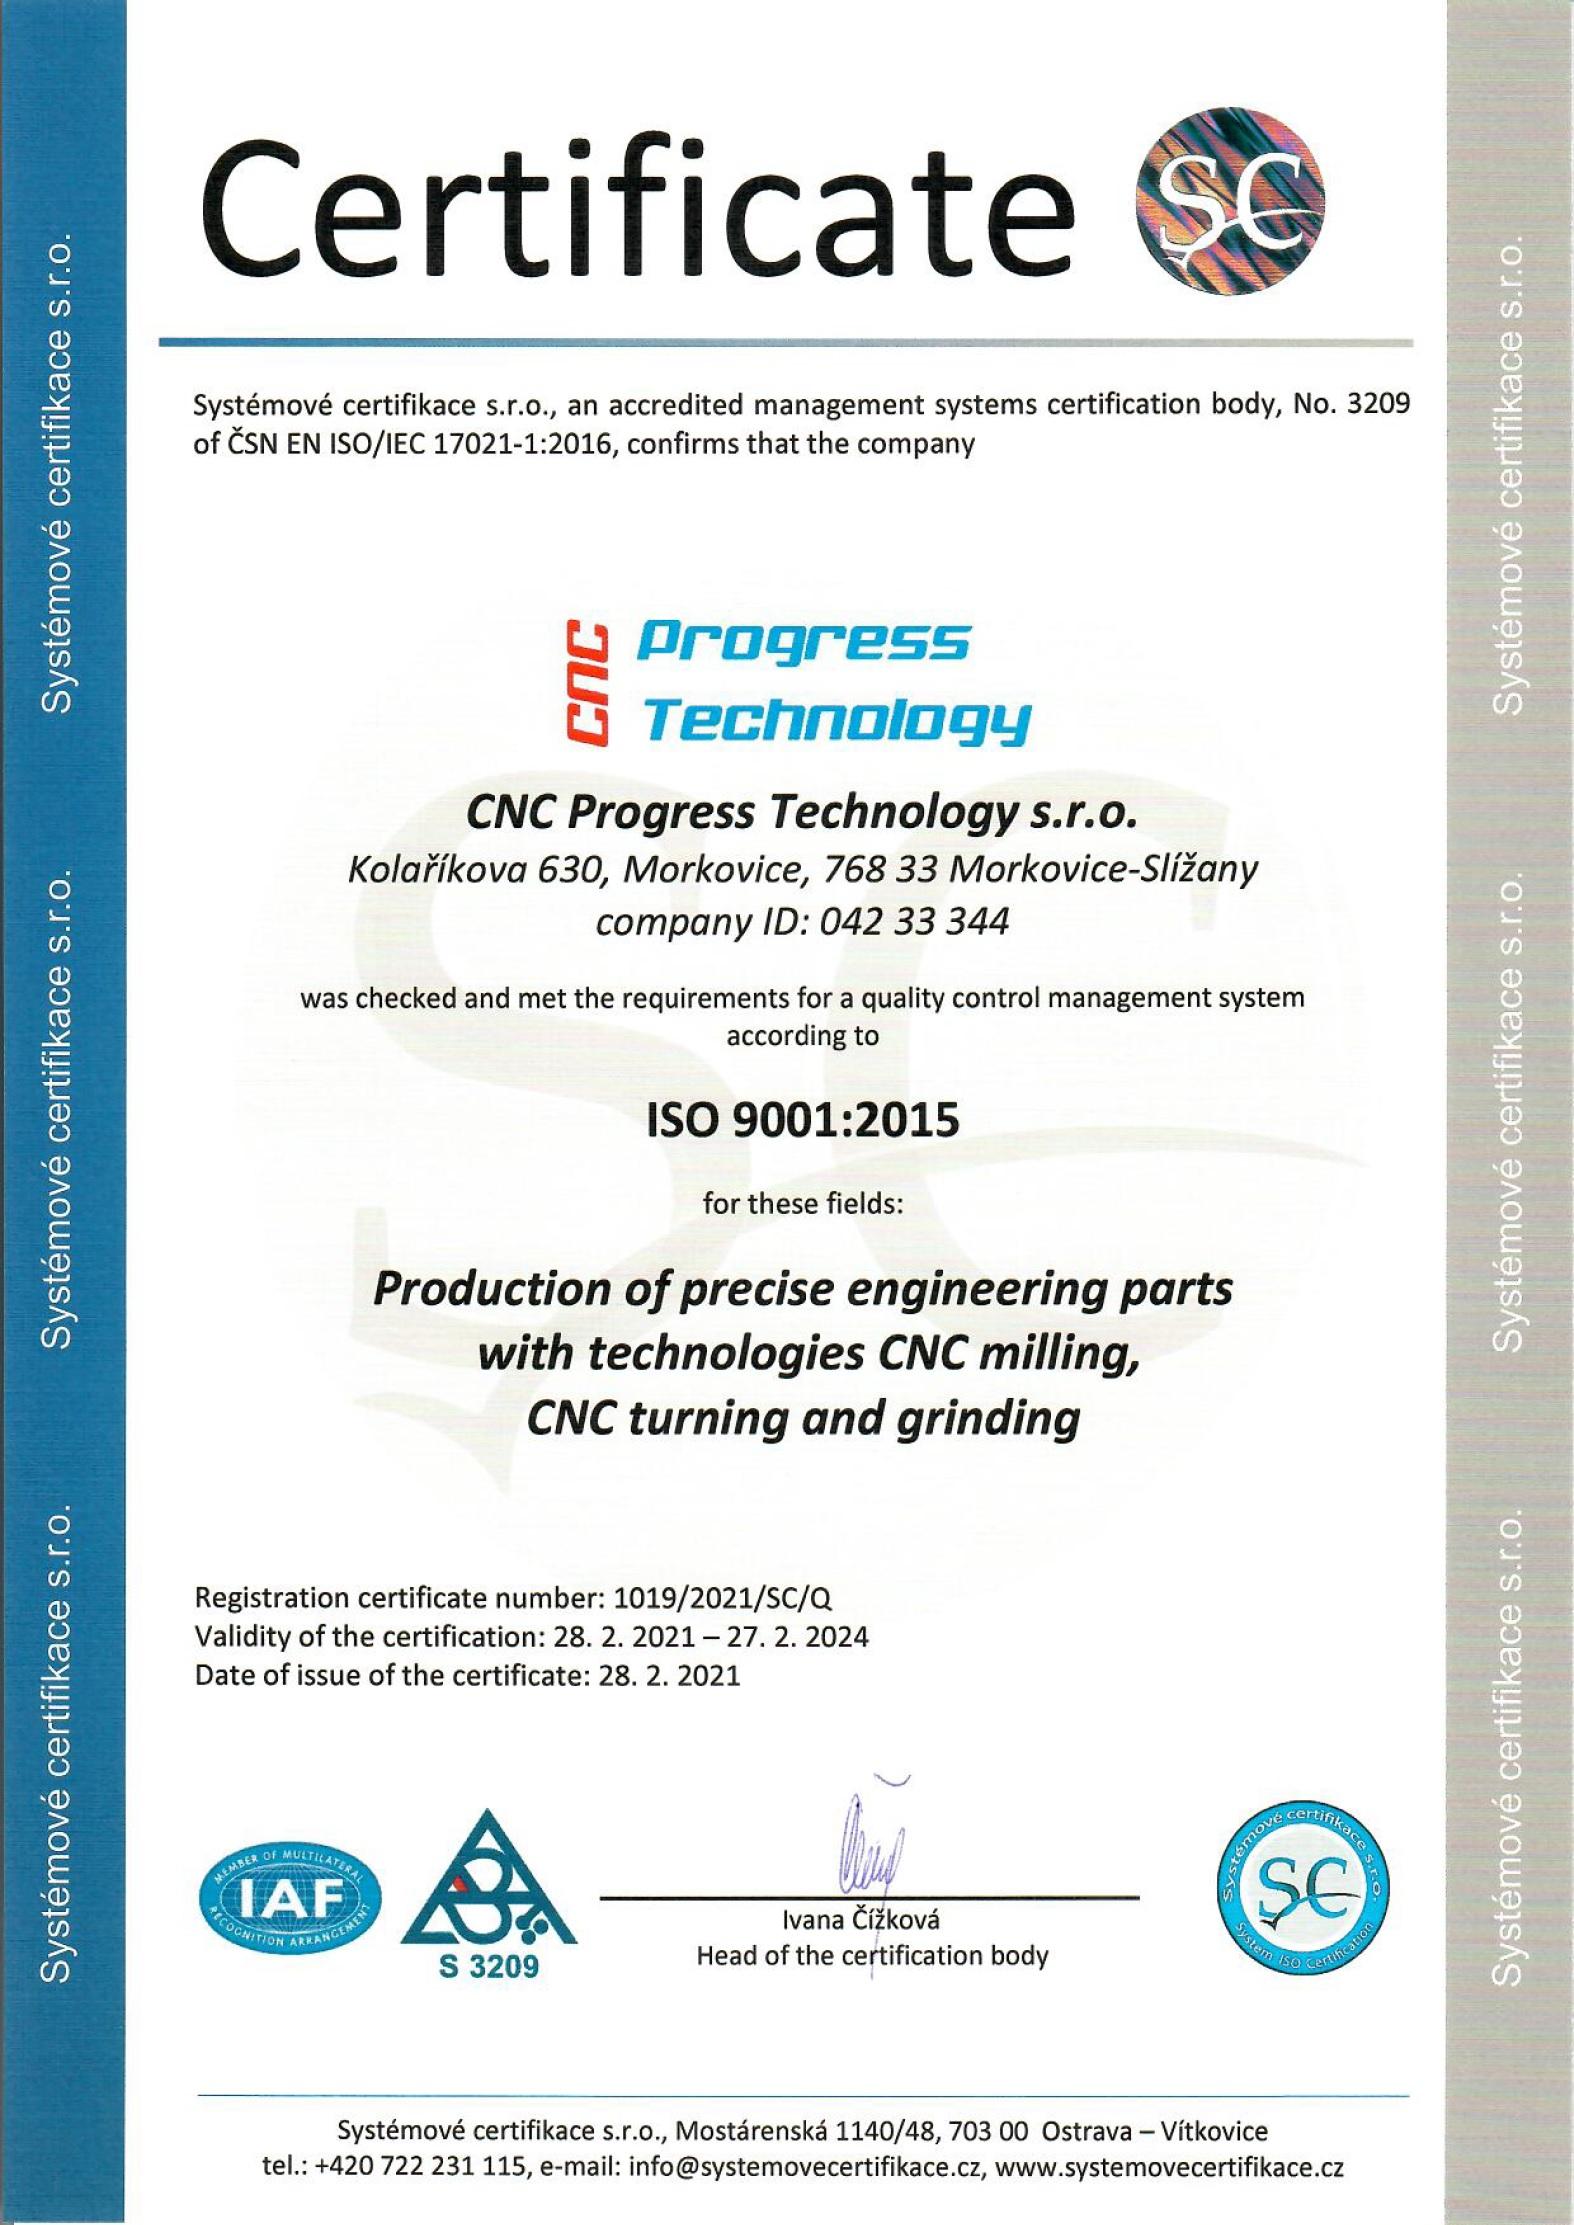 Certifikát AJ